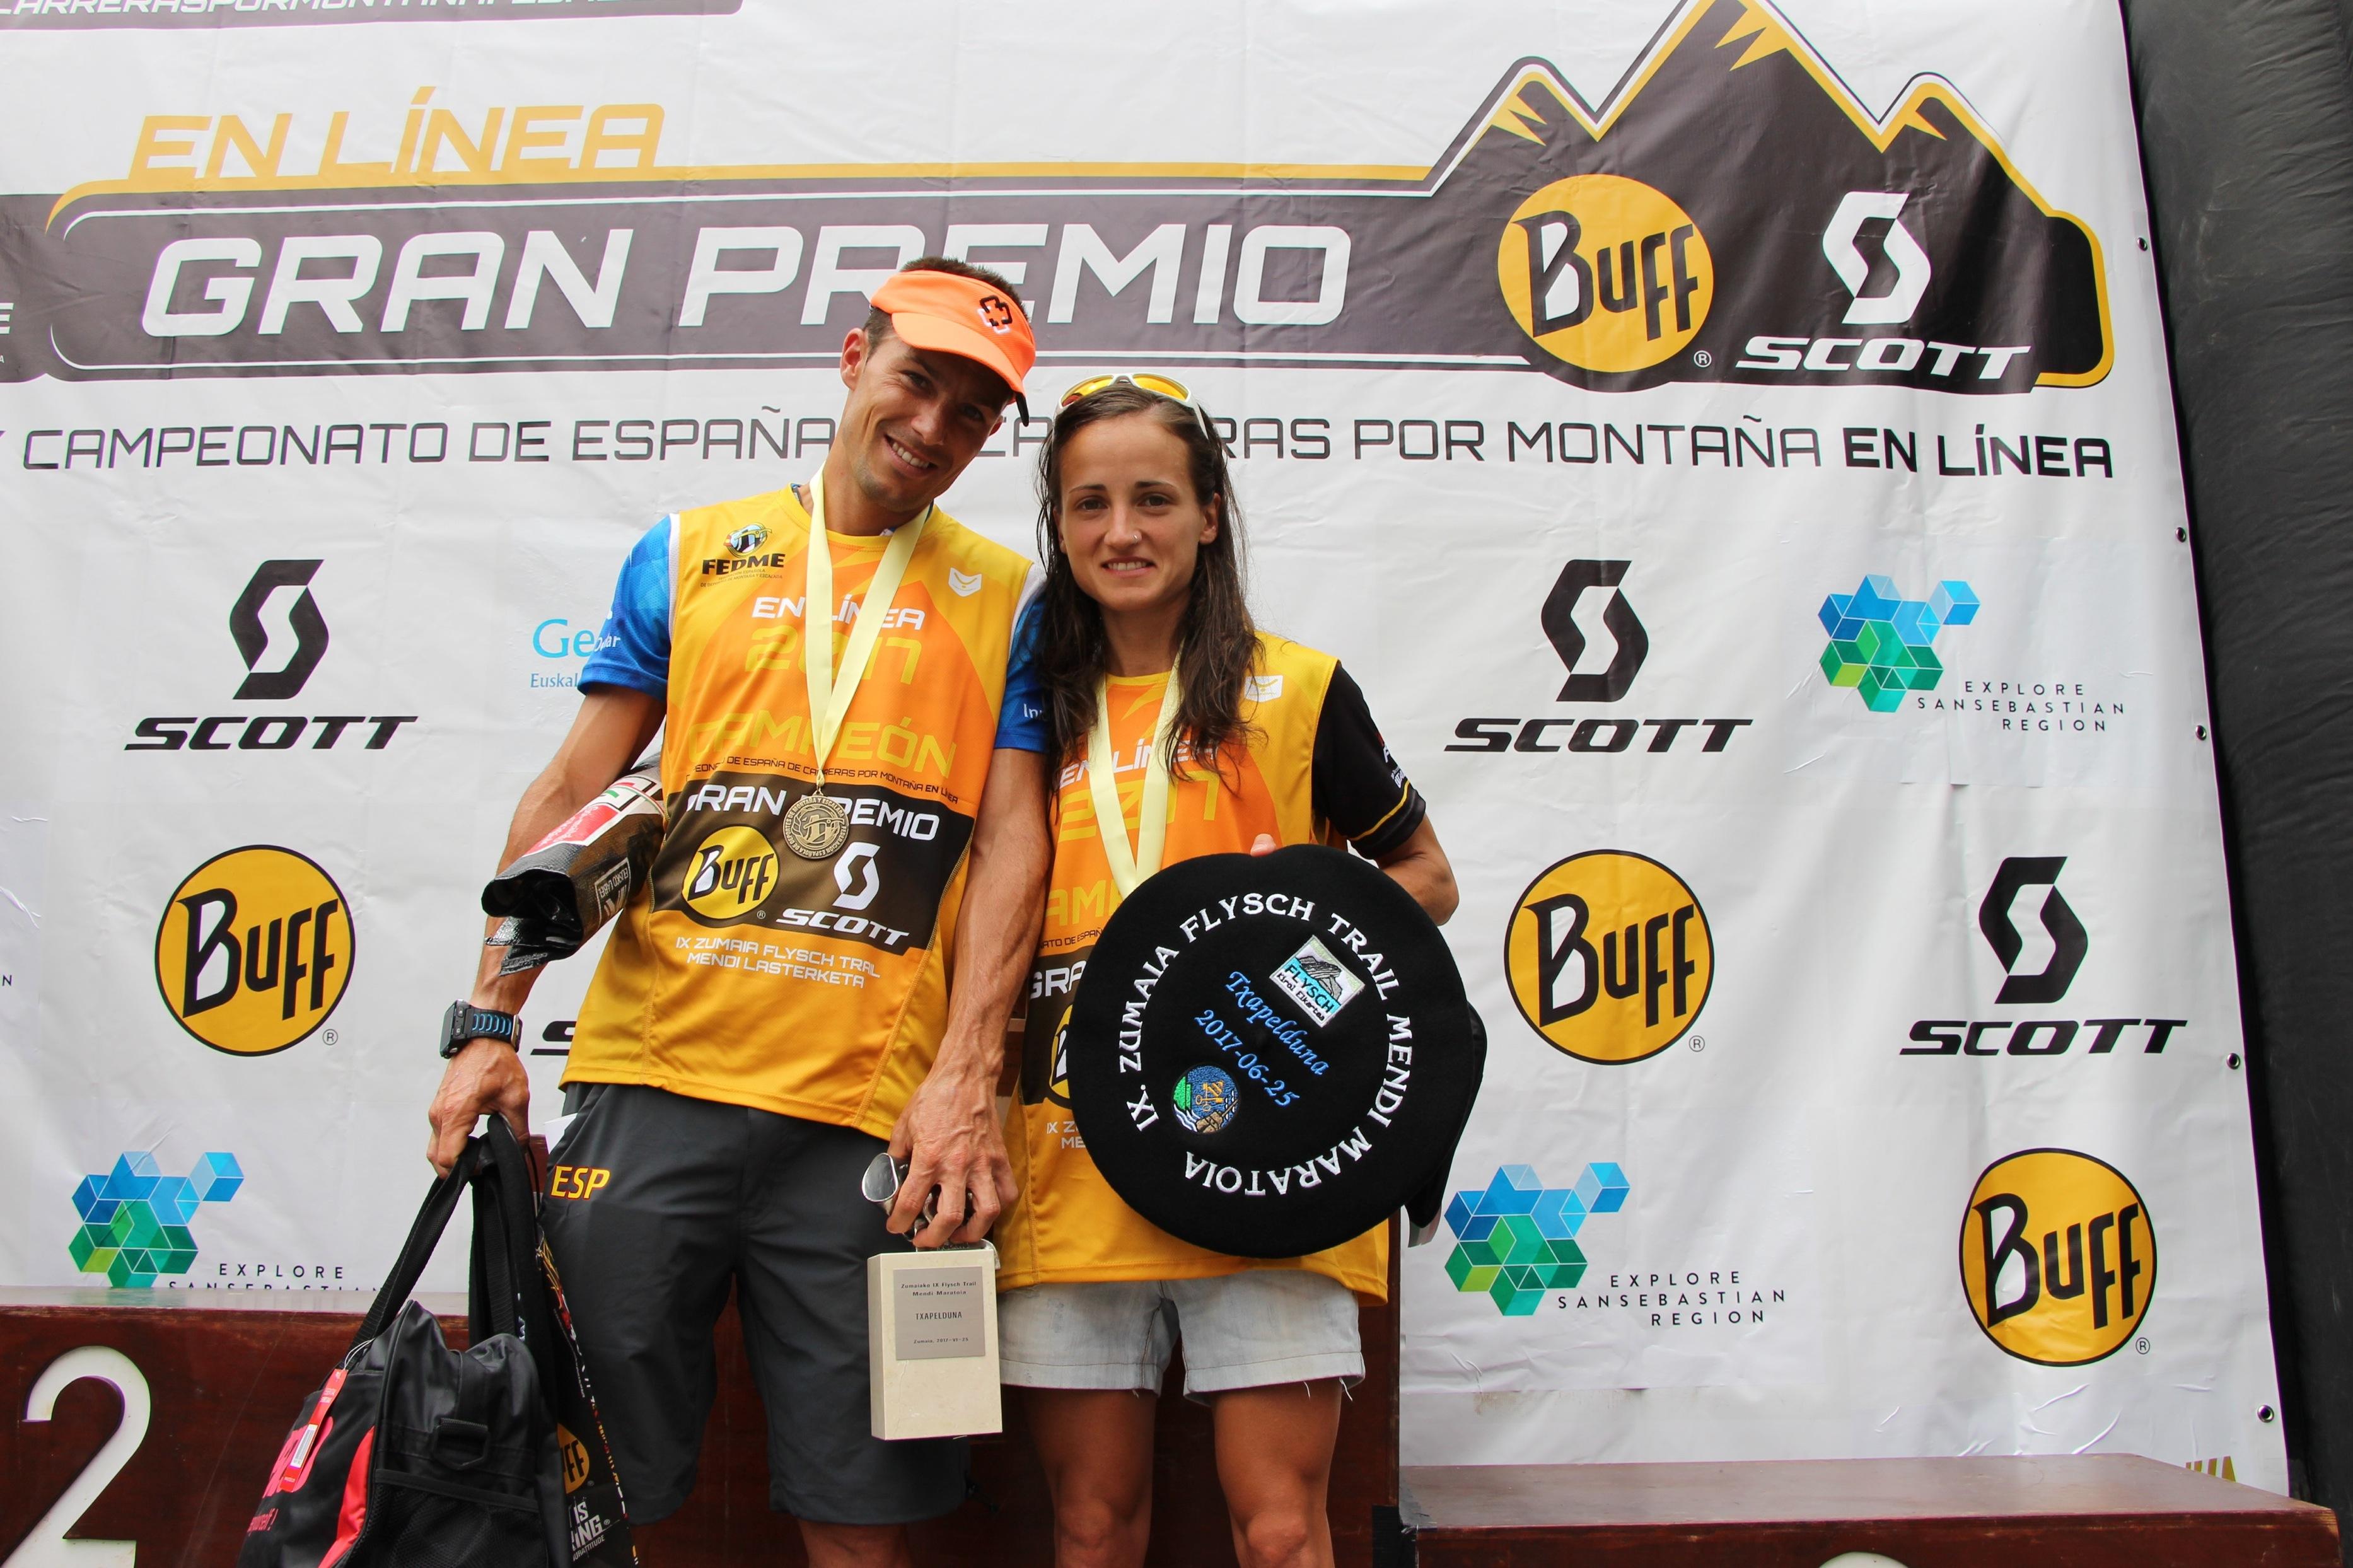 Dani García y Eli Gordón se proclaman Campeones de España de Carreras por Montaña en línea individual FEDME - GP BUFF®-SCOTT en la Zumaia Flysch Trail